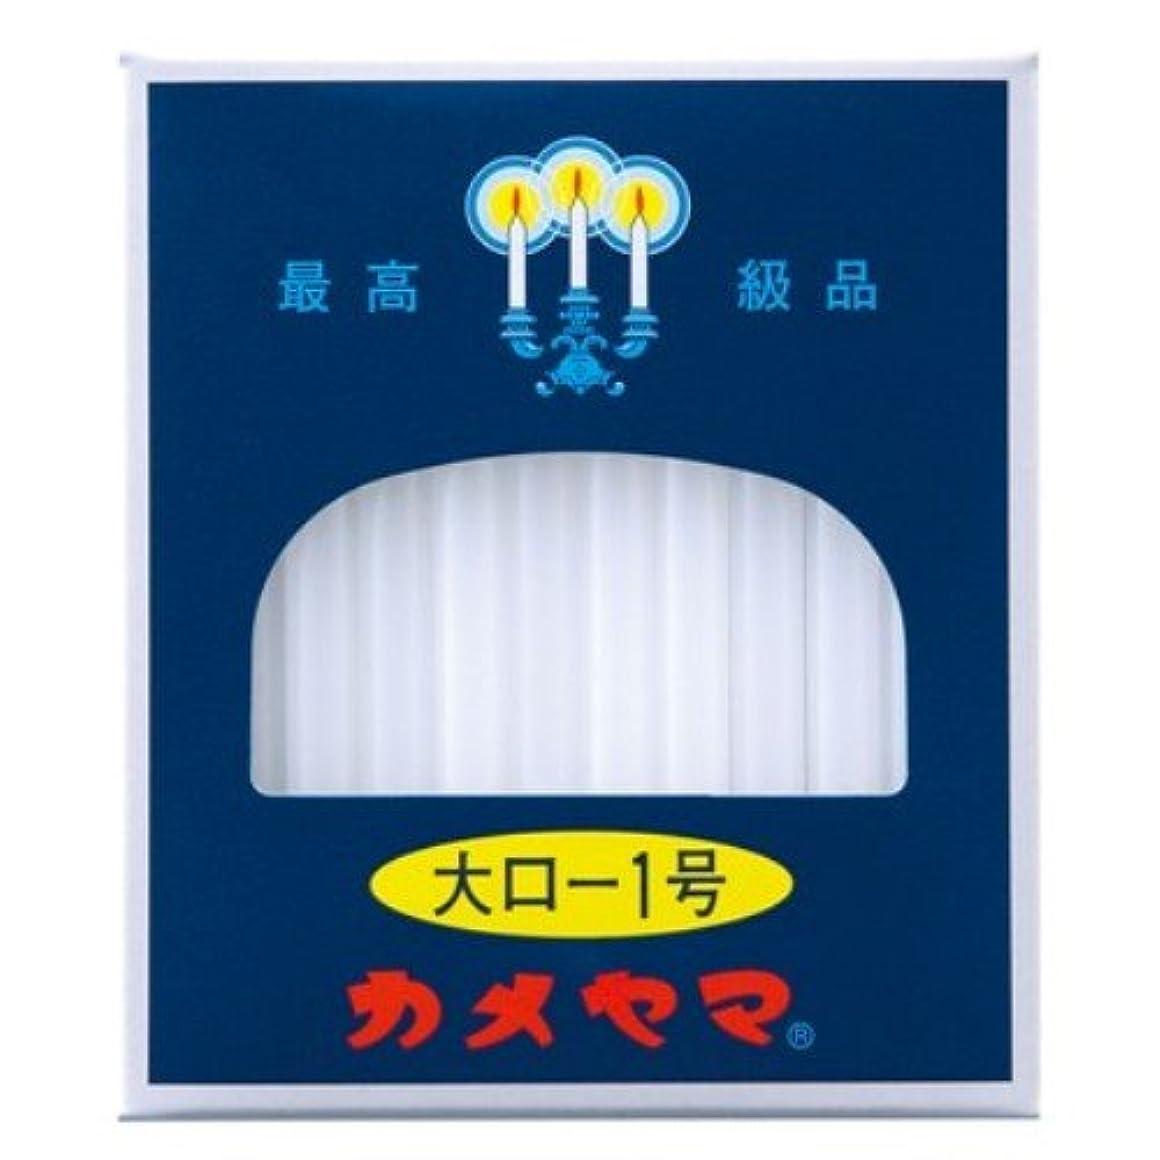 子犬電信サミュエルカメヤマ 大ローソク 1号 225g